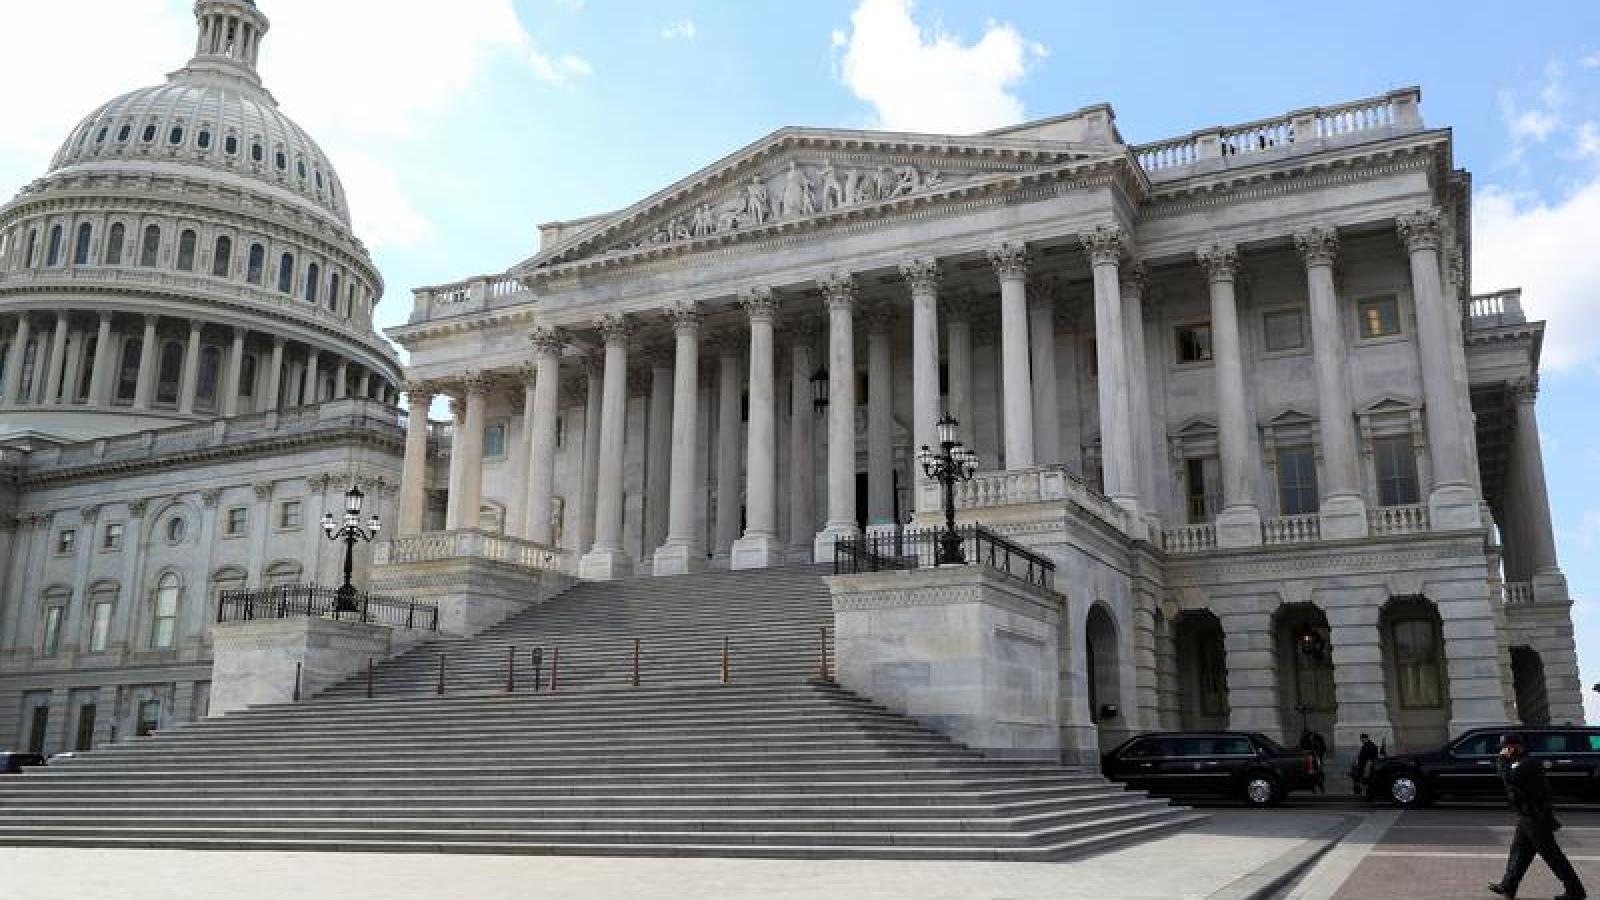 Thượng viện Mỹ tạm hoãn phiên tòa luận tội cựu Tổng thống Trump